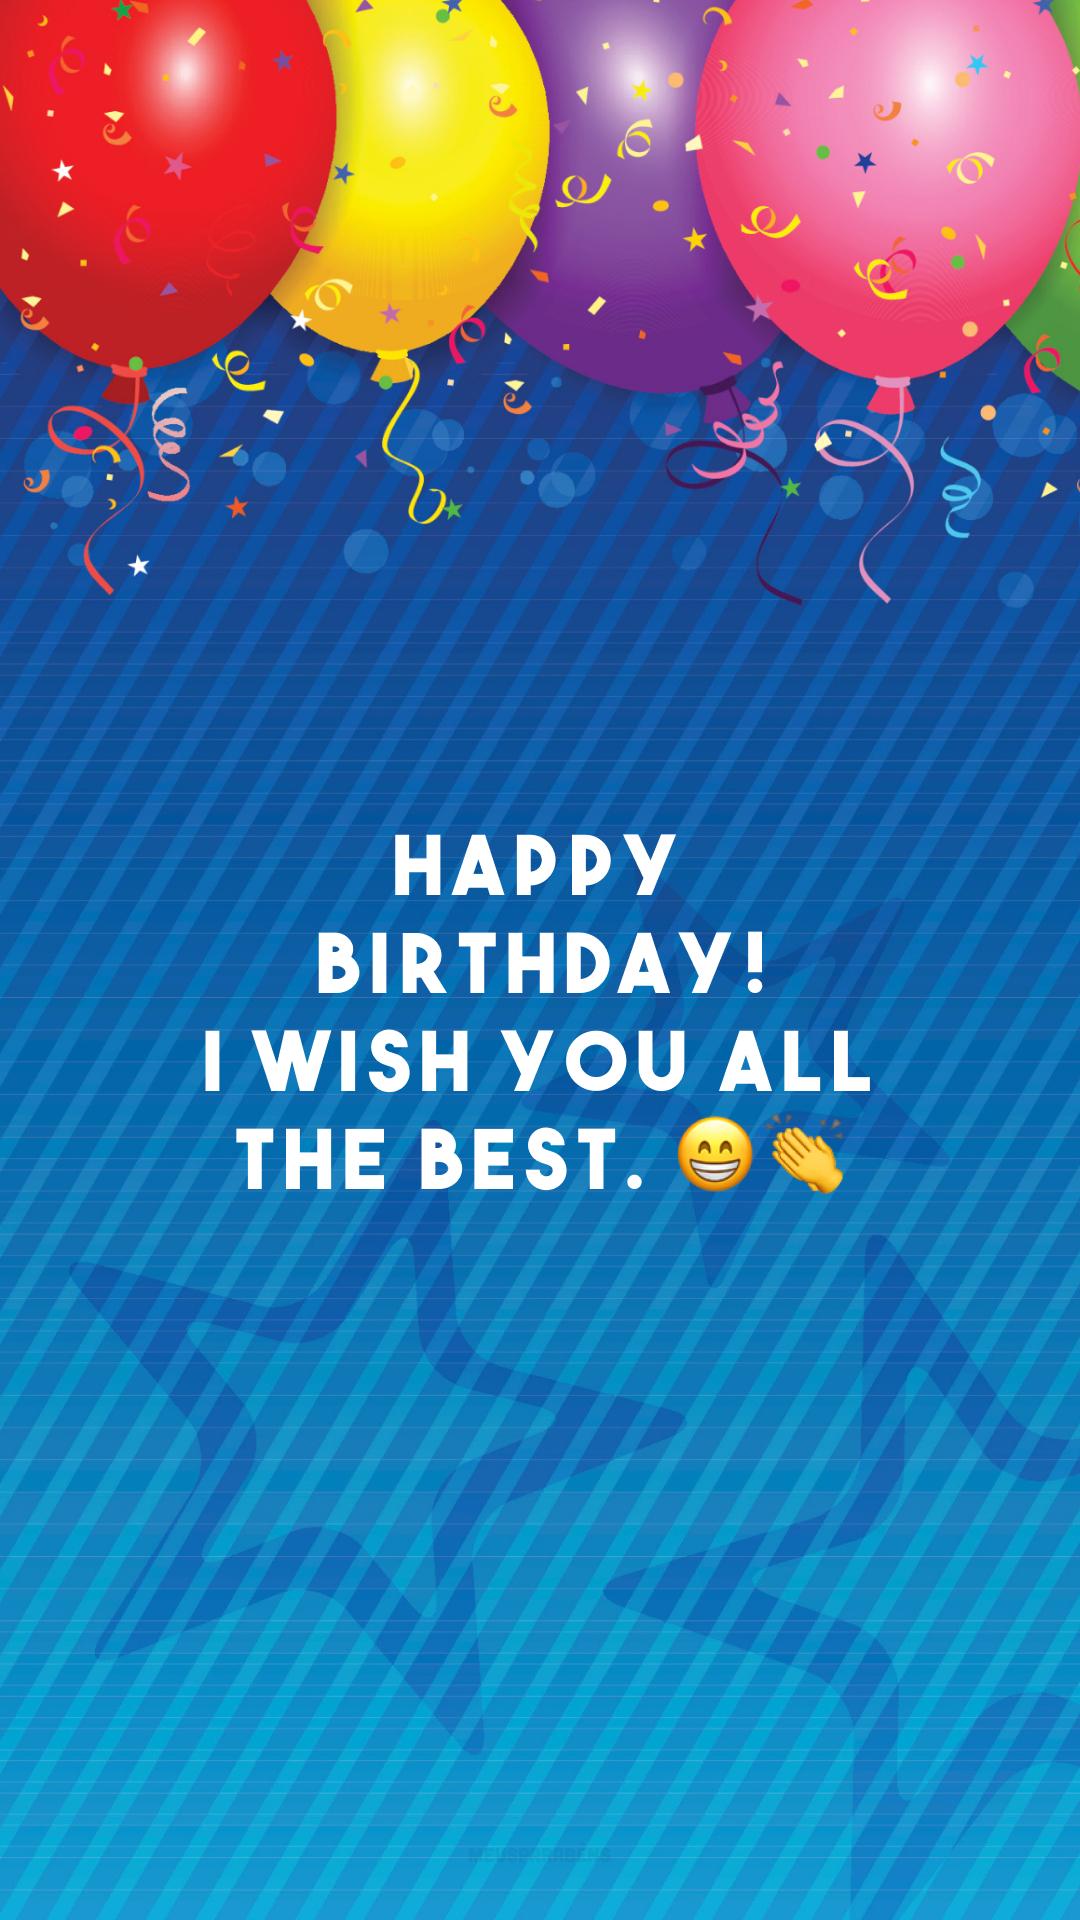 Happy birthday! I wish you all the best. 😁👏 (Feliz aniversário! Desejo-lhe tudo de bom.)